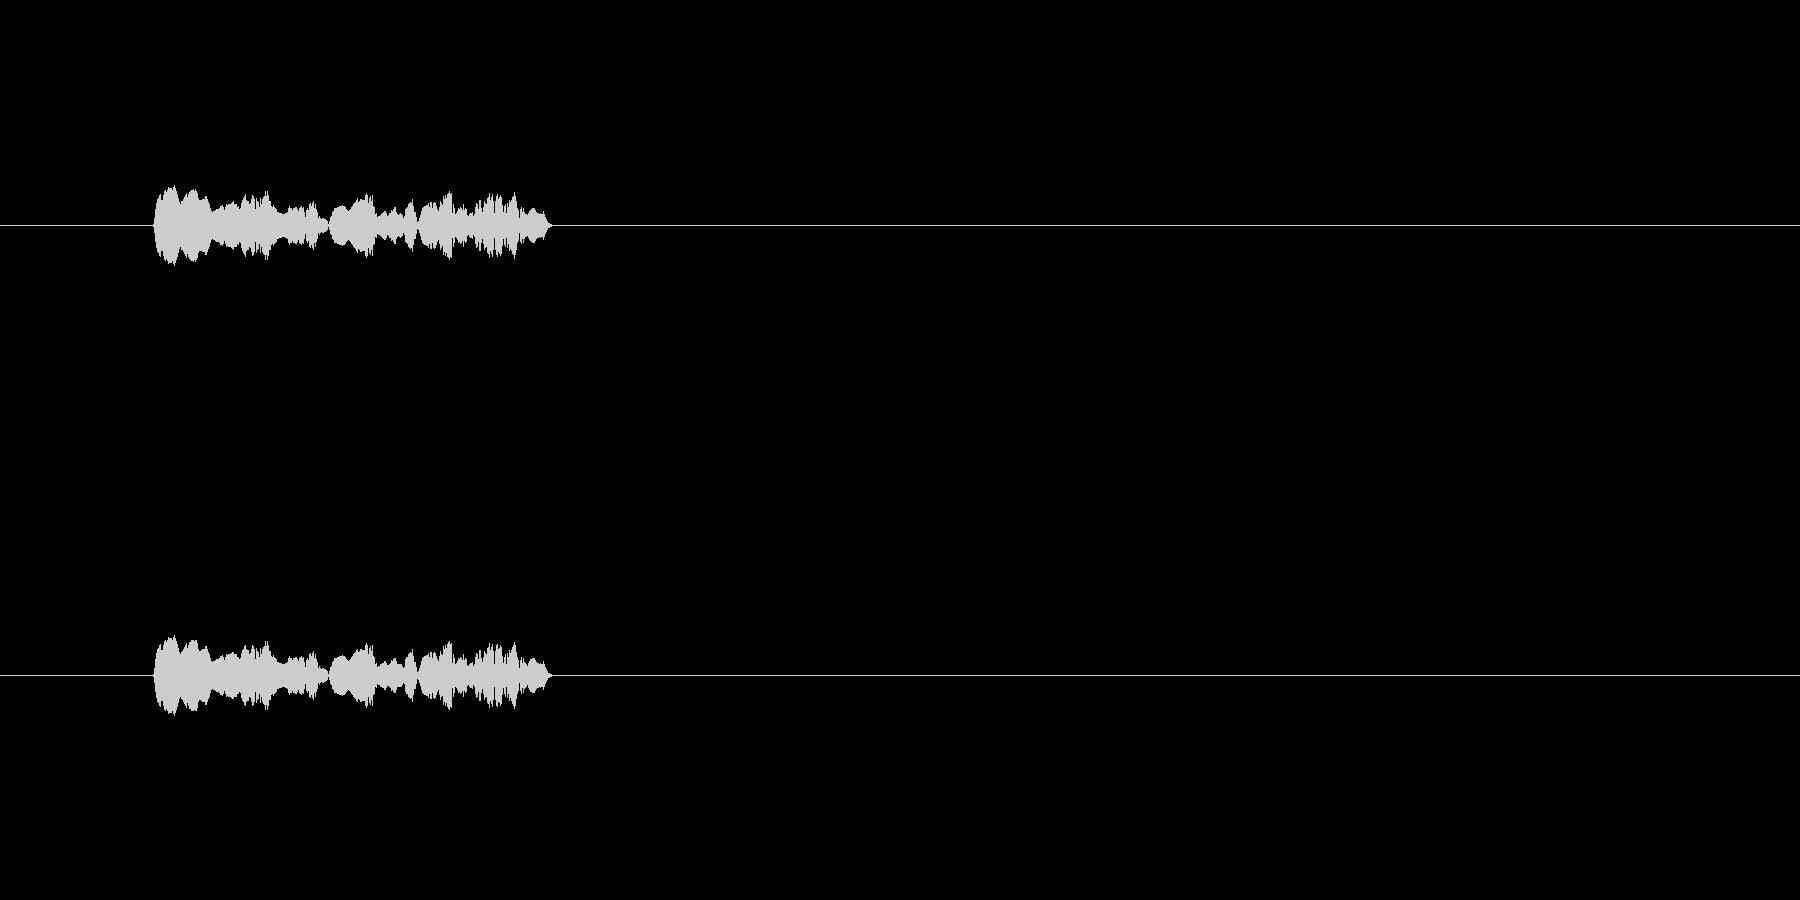 【ポップモーション27-2】の未再生の波形